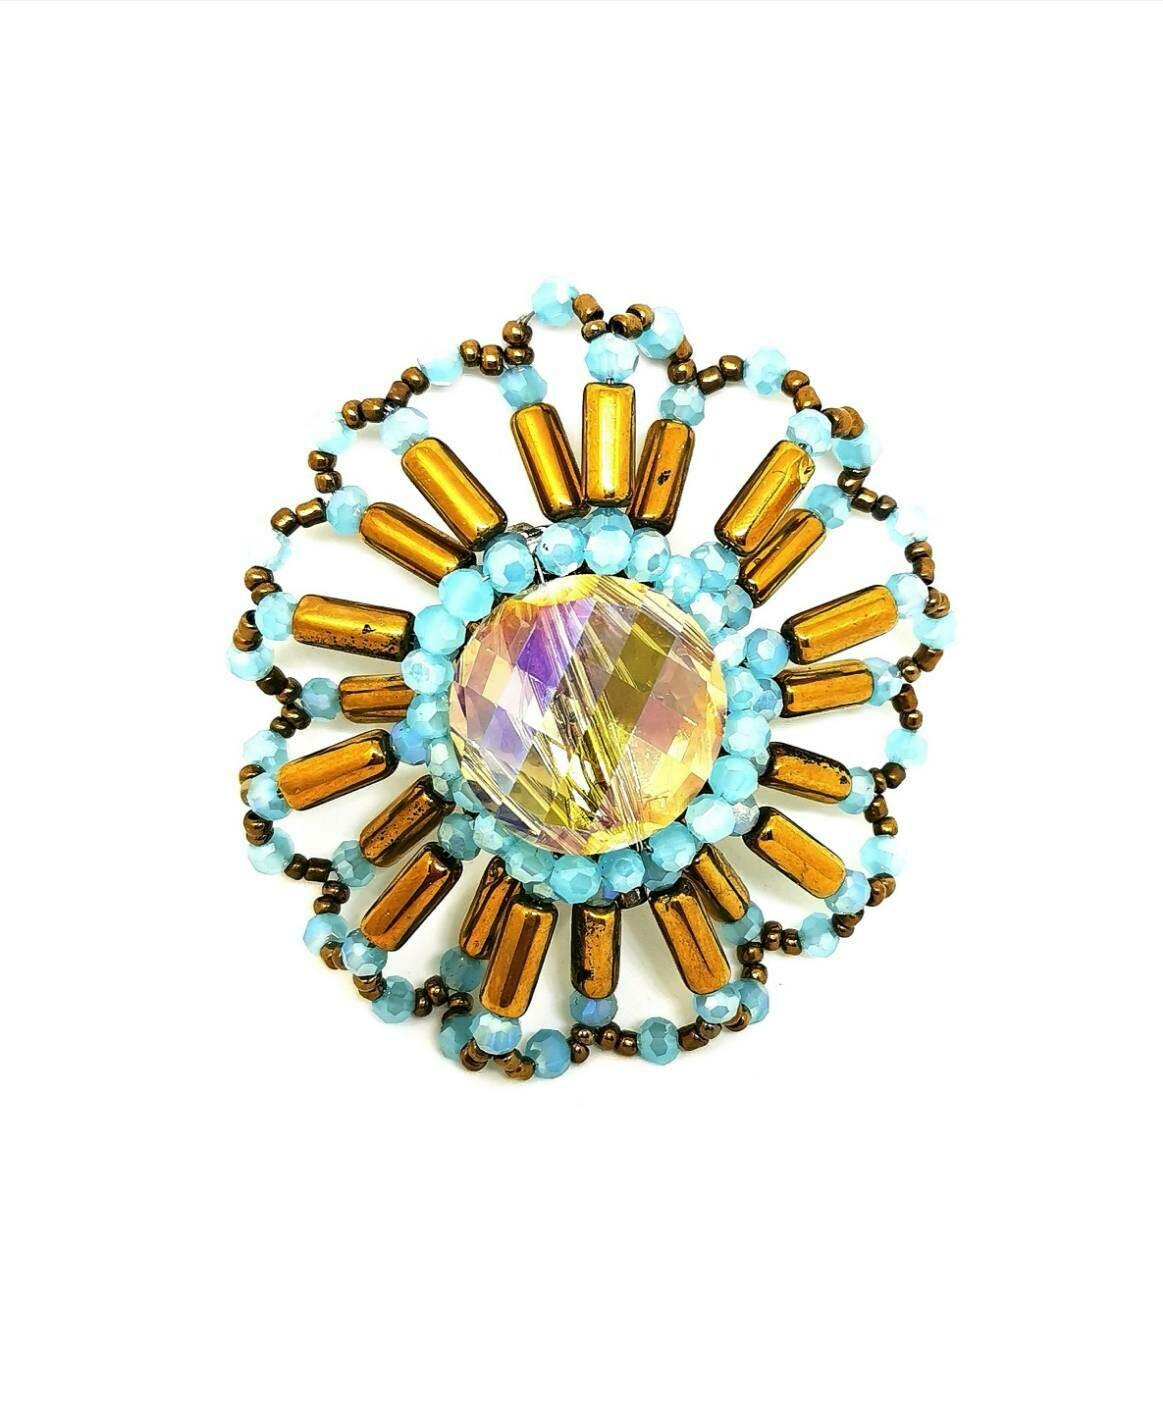 Golden Starburst Brooch